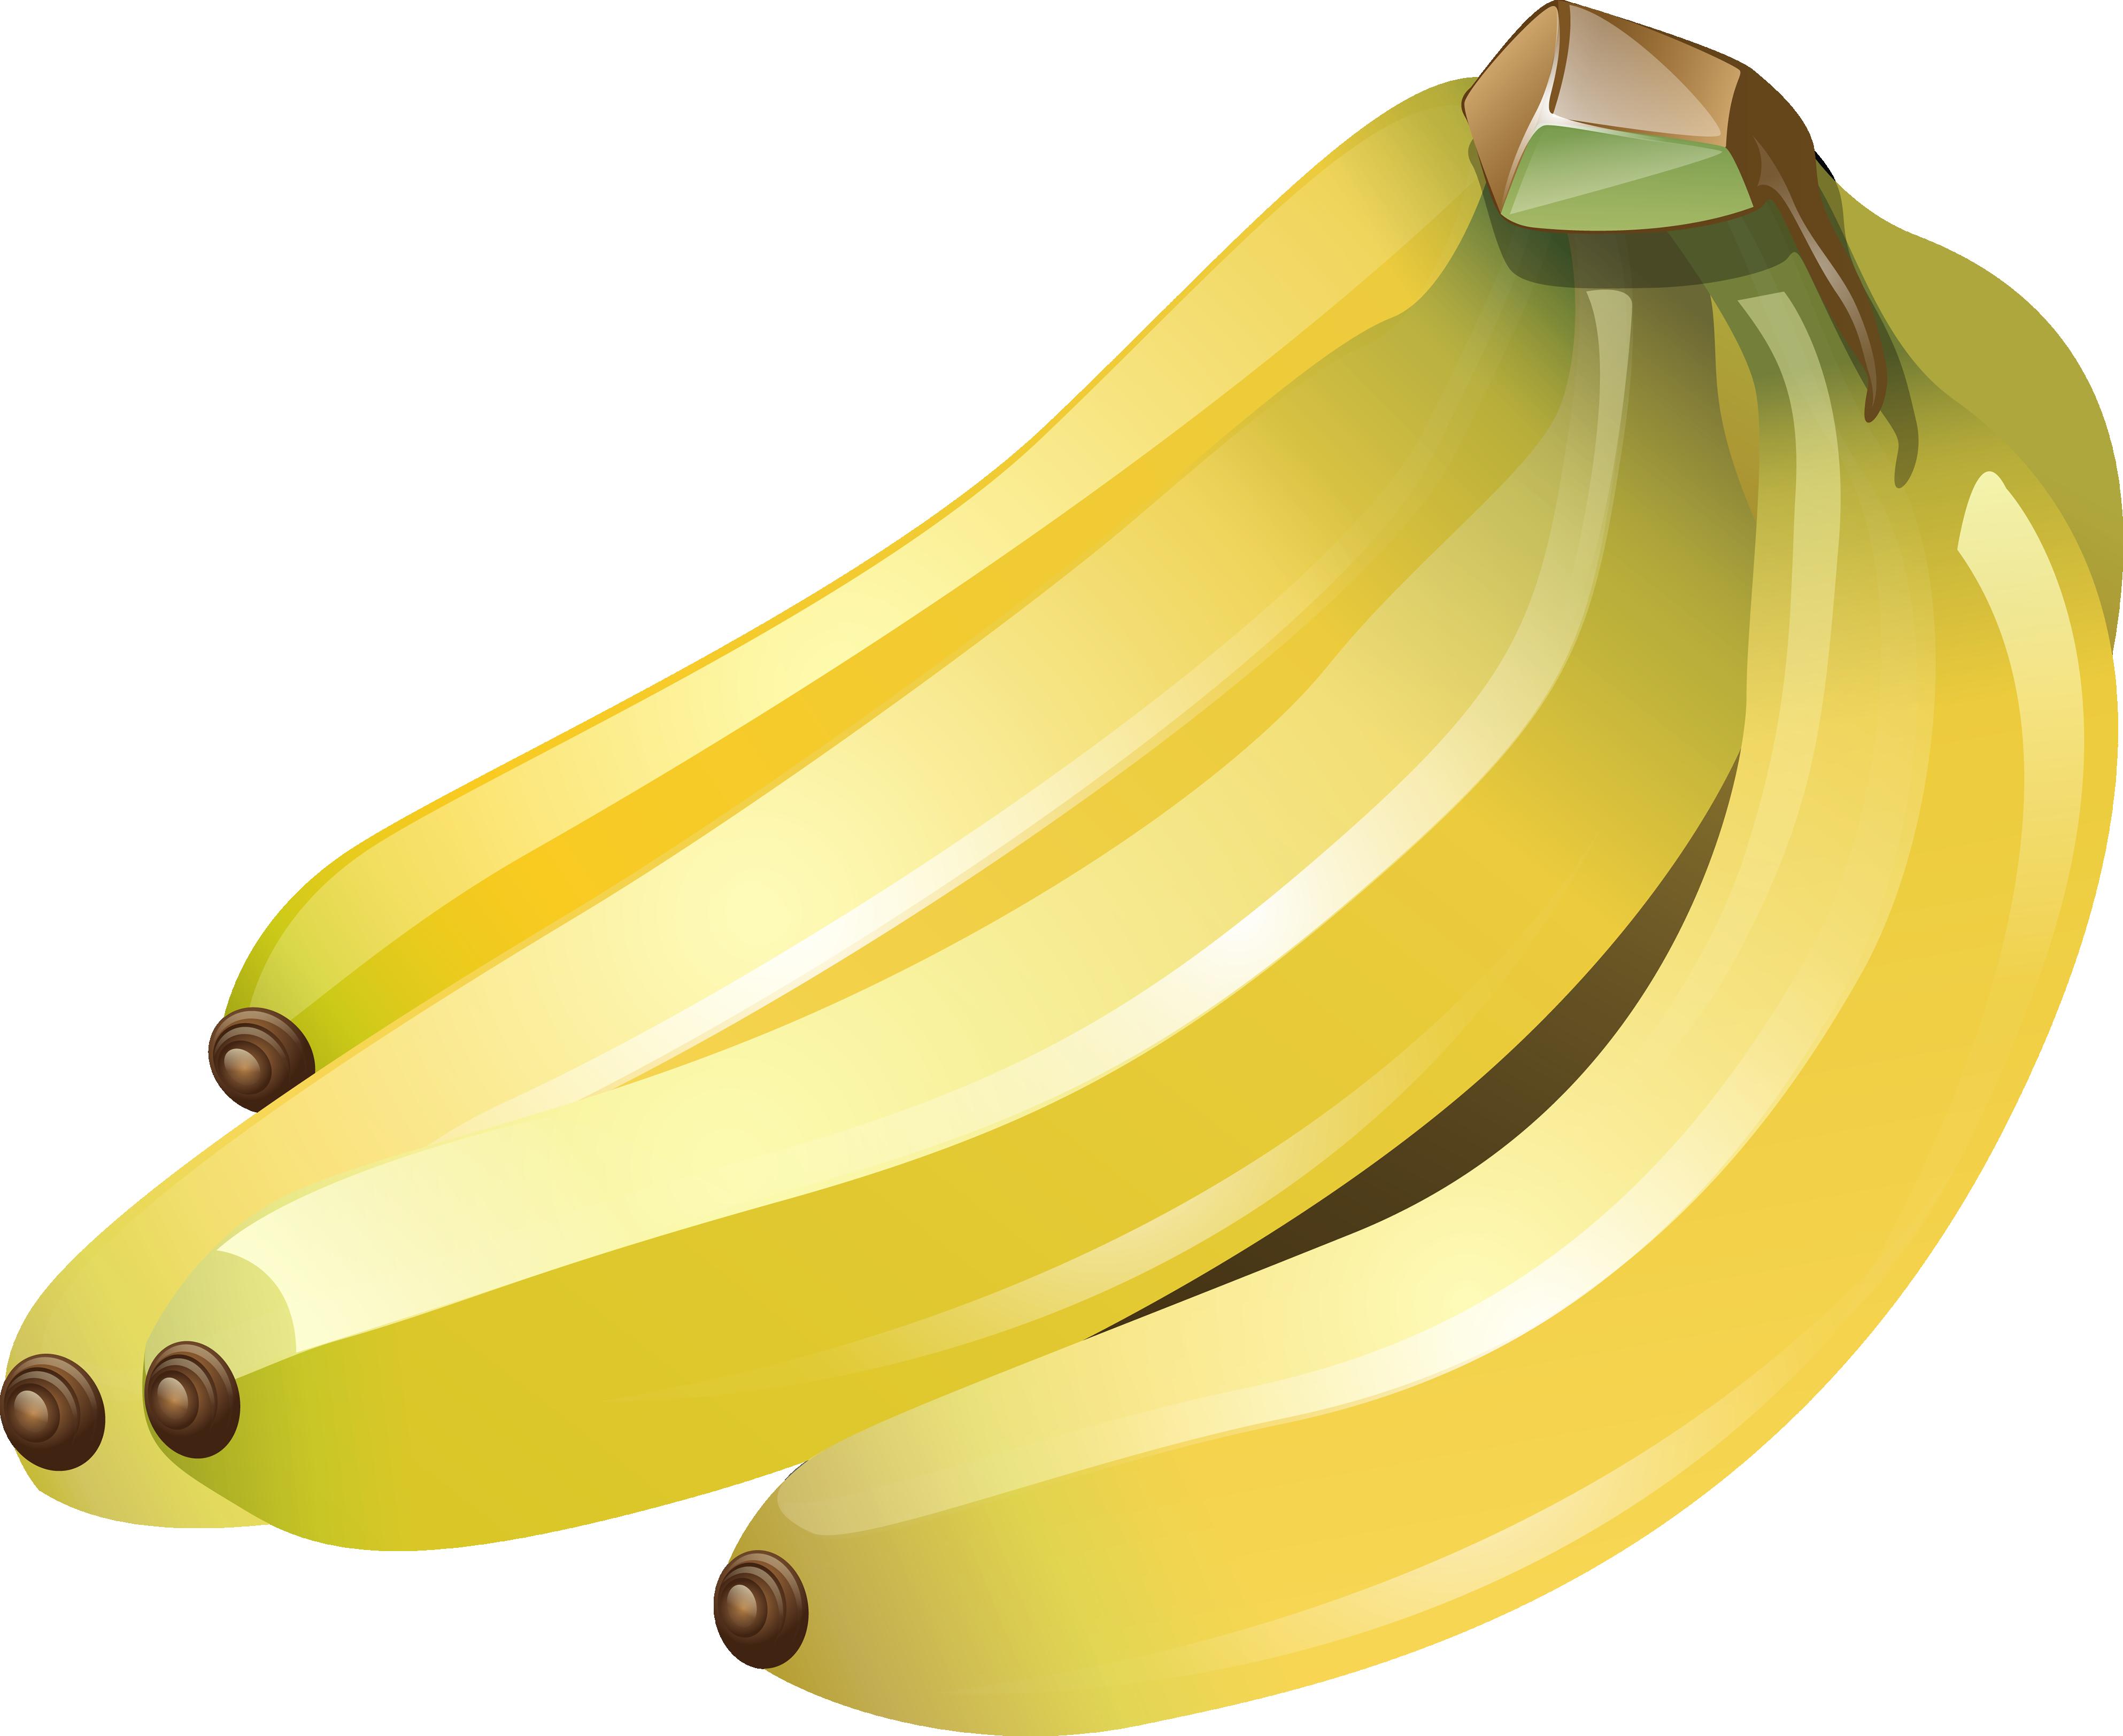 Banana Clipart Png Image Banana Fruit Png Images